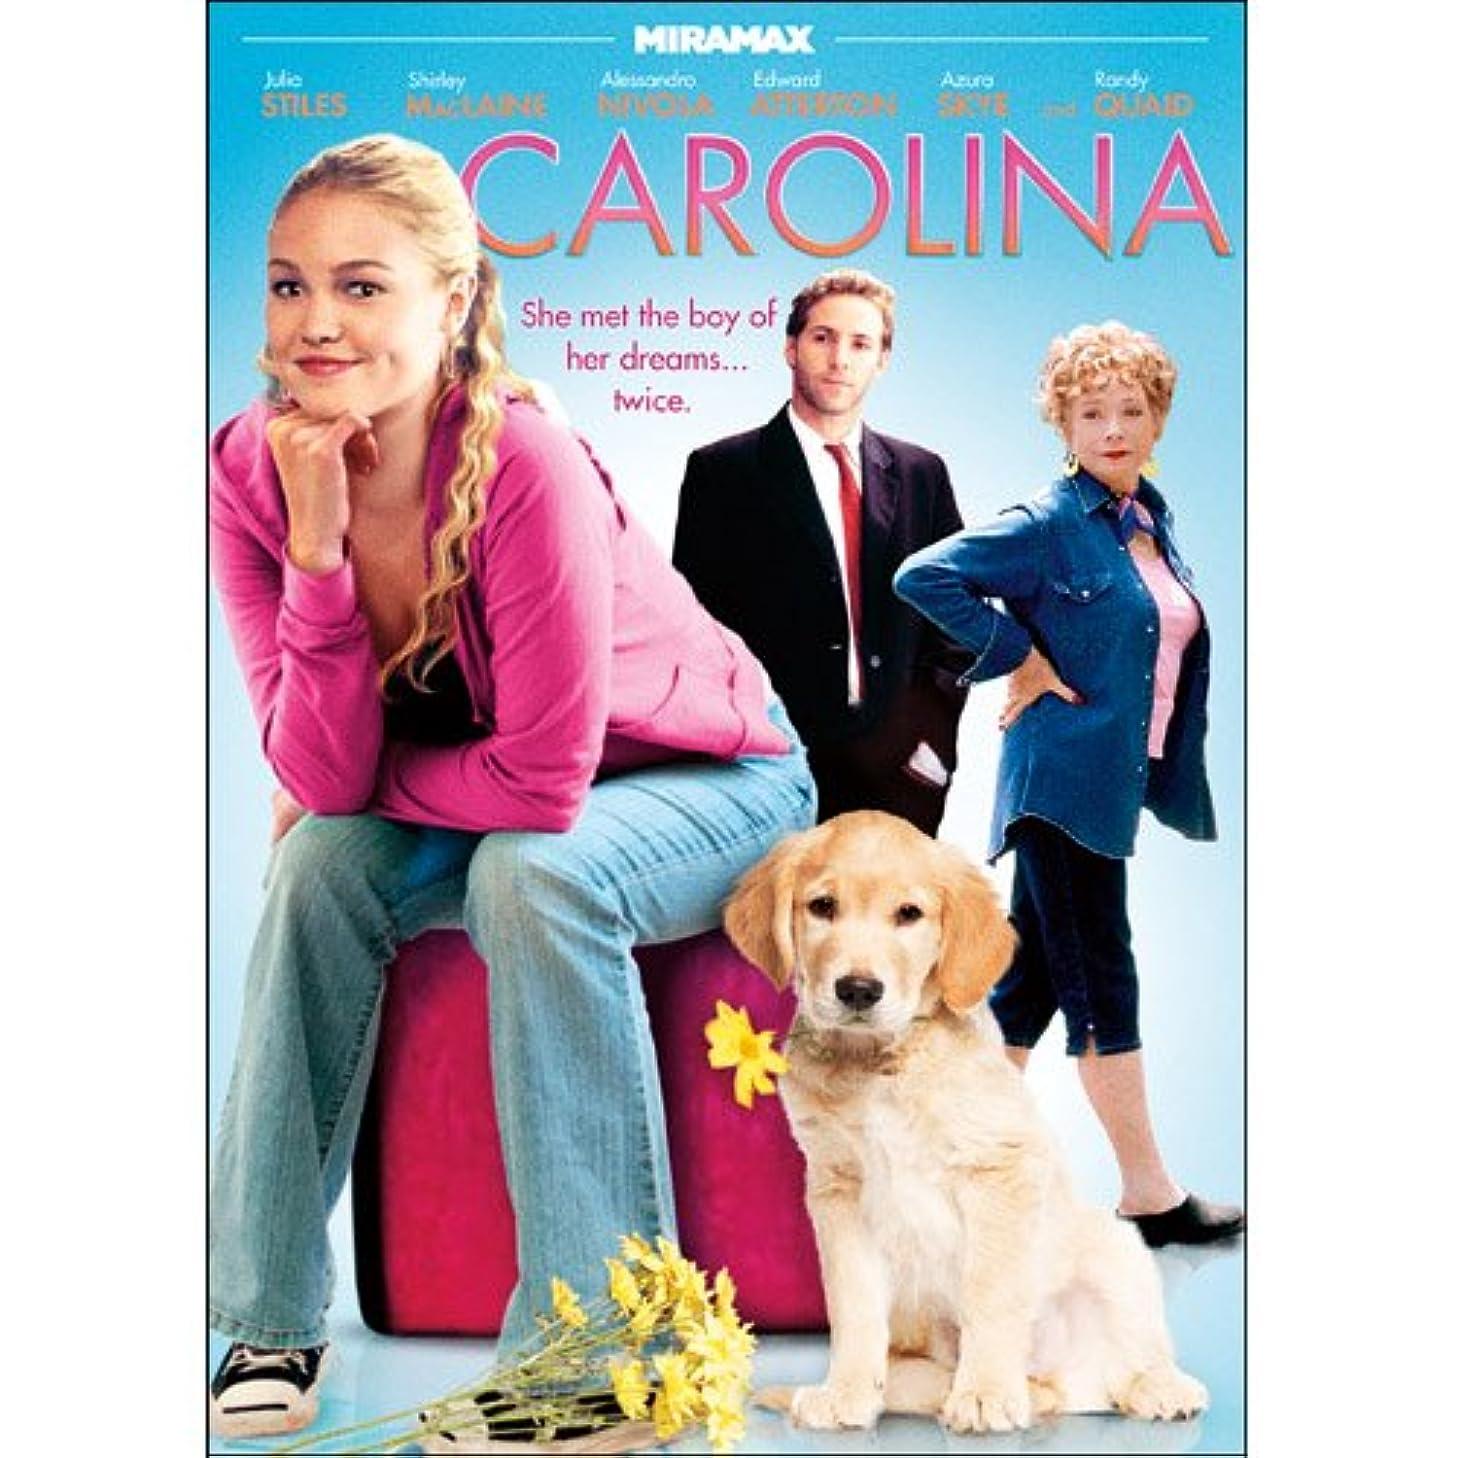 撃退するリズム相対的Carolina [DVD] [Import]